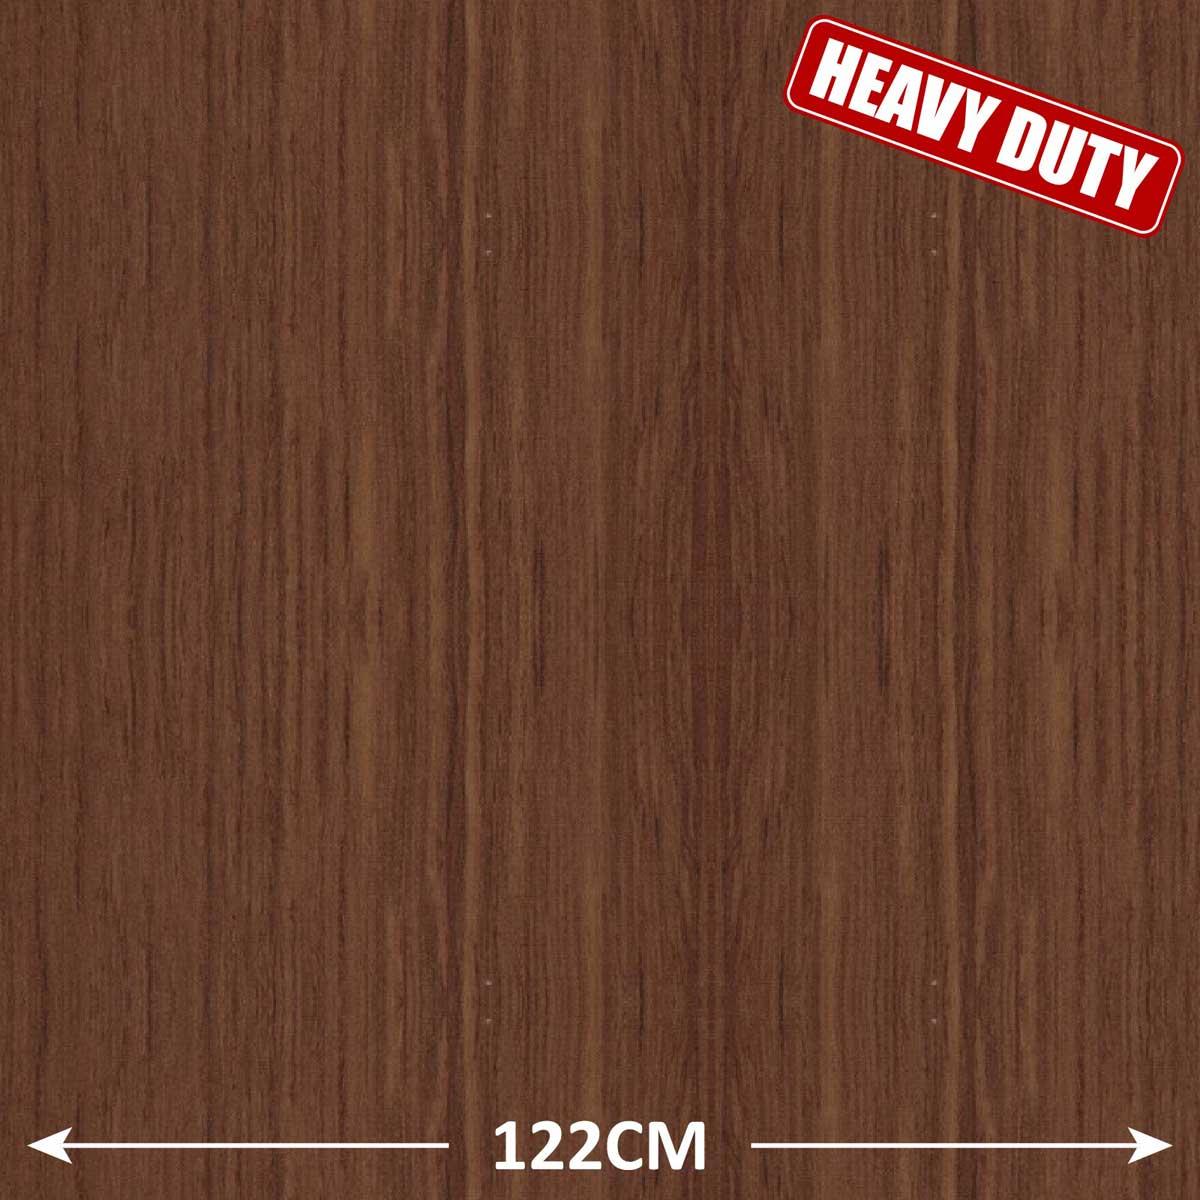 Selbstklebende Tapete Holz Optik Braun Tapetenwelt